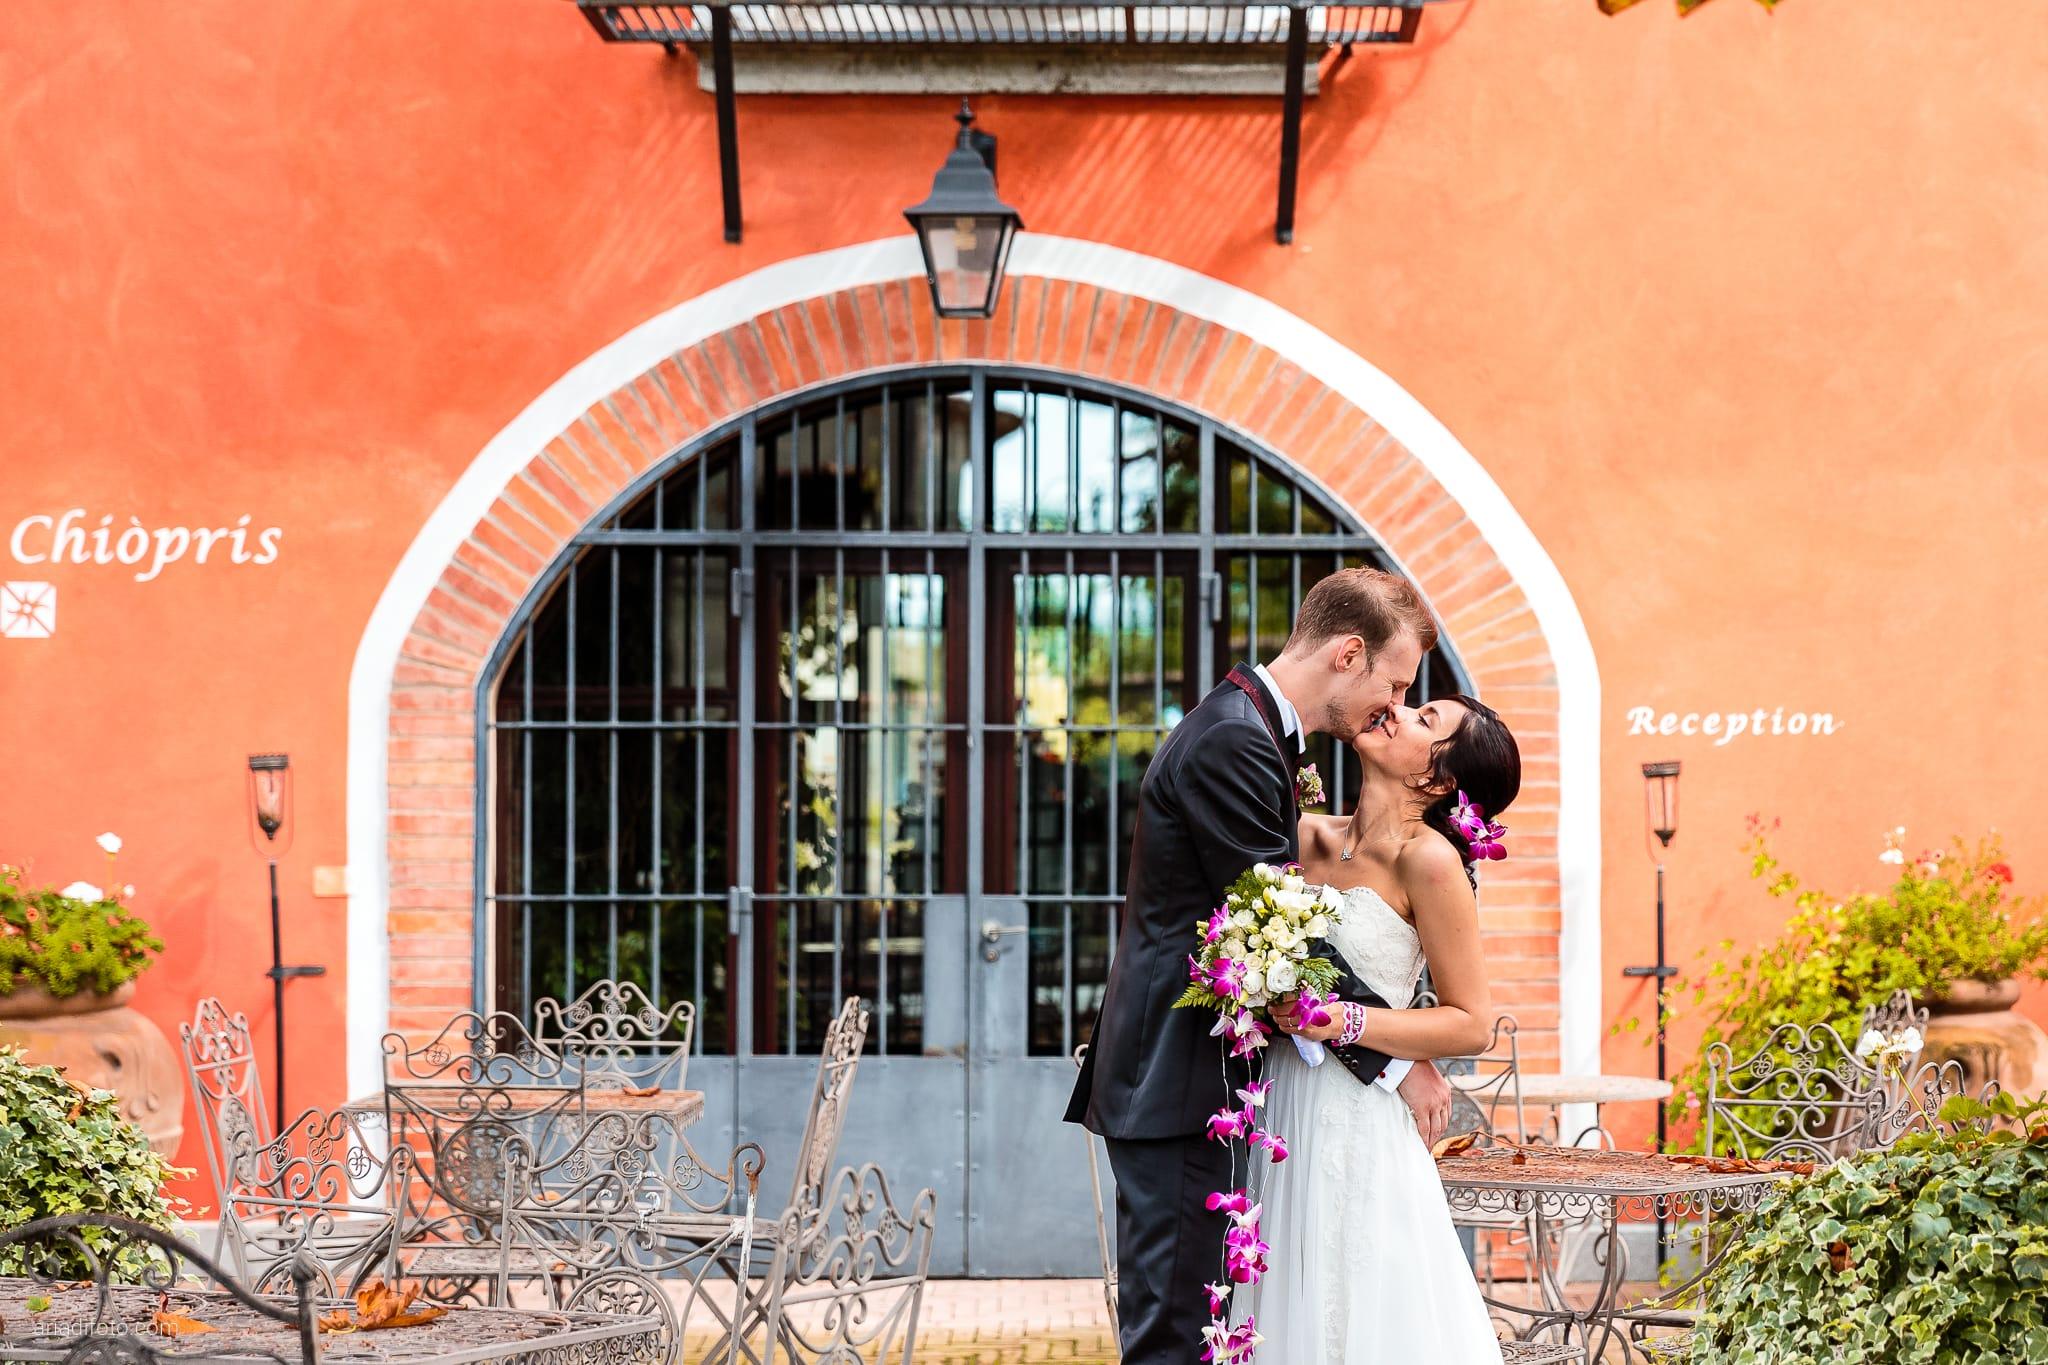 Dorella Stefano matrimonio Cormons Villa Chiopris Udine ritratti sposi